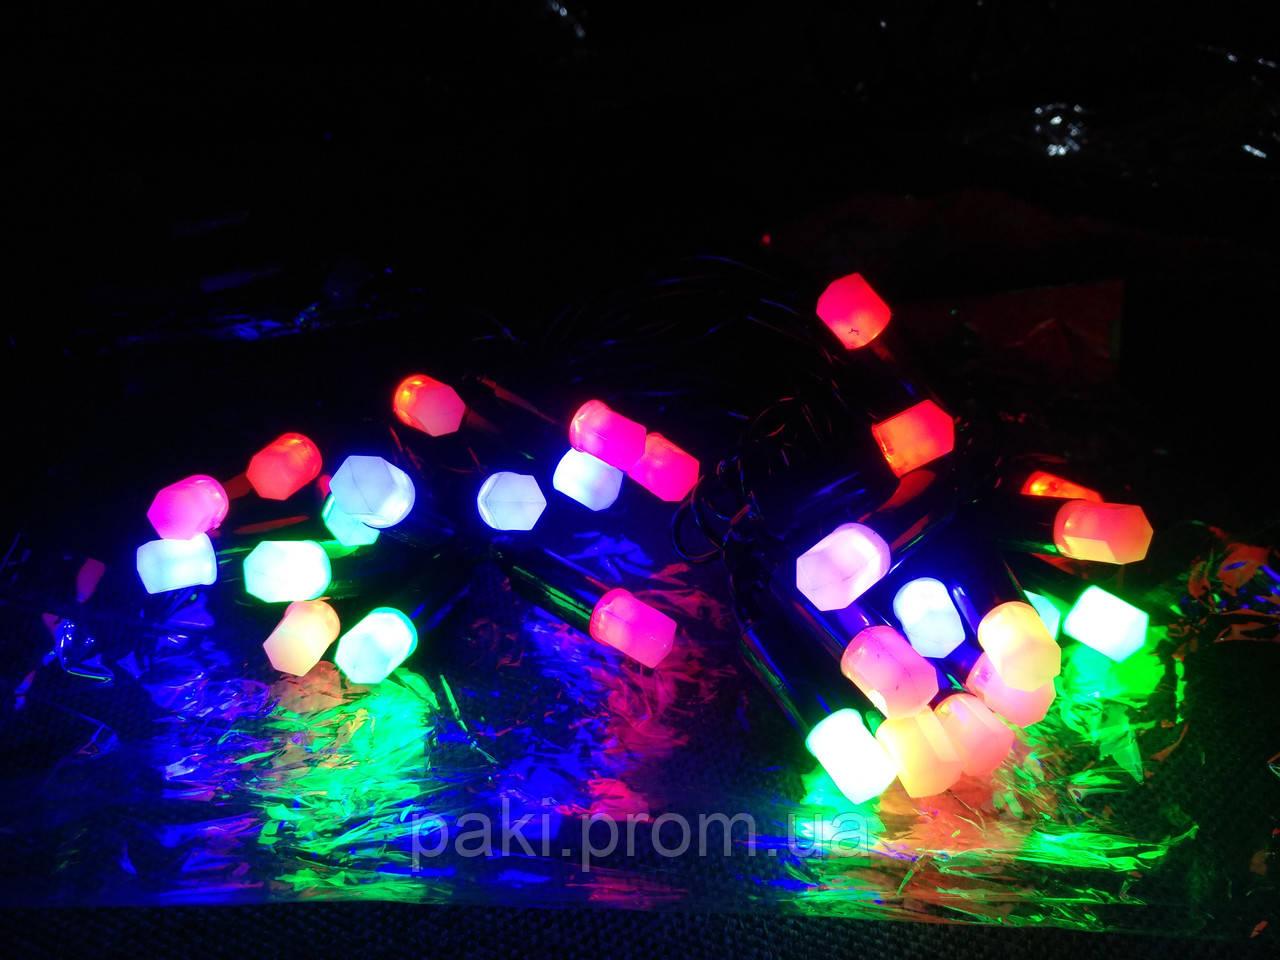 Гірлянда ліхтарики (фігура) 30 л. LED світлодіодна 4 м.